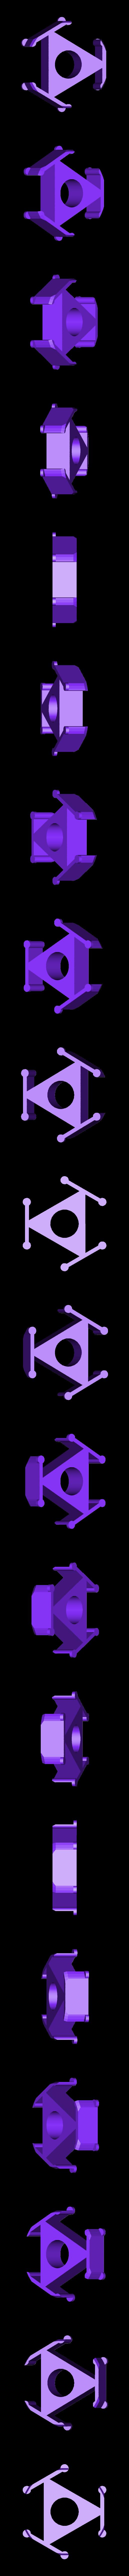 spool_adapter_v1-4_straight20170129-5704-1wwxr3d-0.stl Télécharger fichier STL gratuit Adaptateur pour le centre de regroupement de Renkforce/Ikea • Plan imprimable en 3D, Knaudler